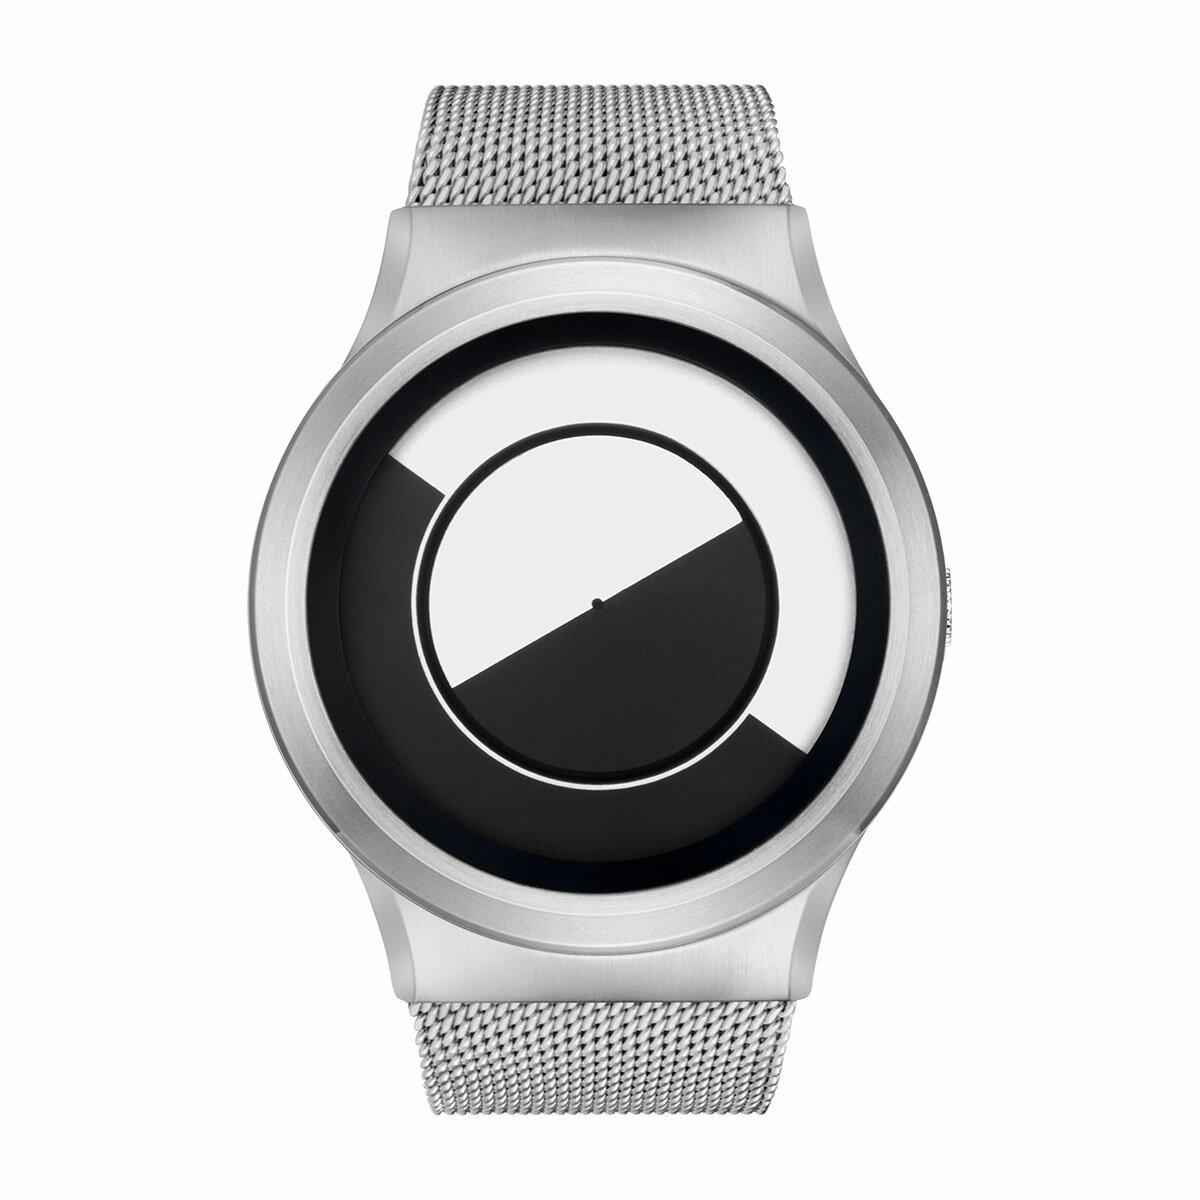 ZEROO QUARTER MOON ゼロ 電池式クォーツ 腕時計 [W08031B01SM01] ホワイト デザインウォッチ ペア用 メンズ レディース ユニセックス おしゃれ時計 デザイナーズ